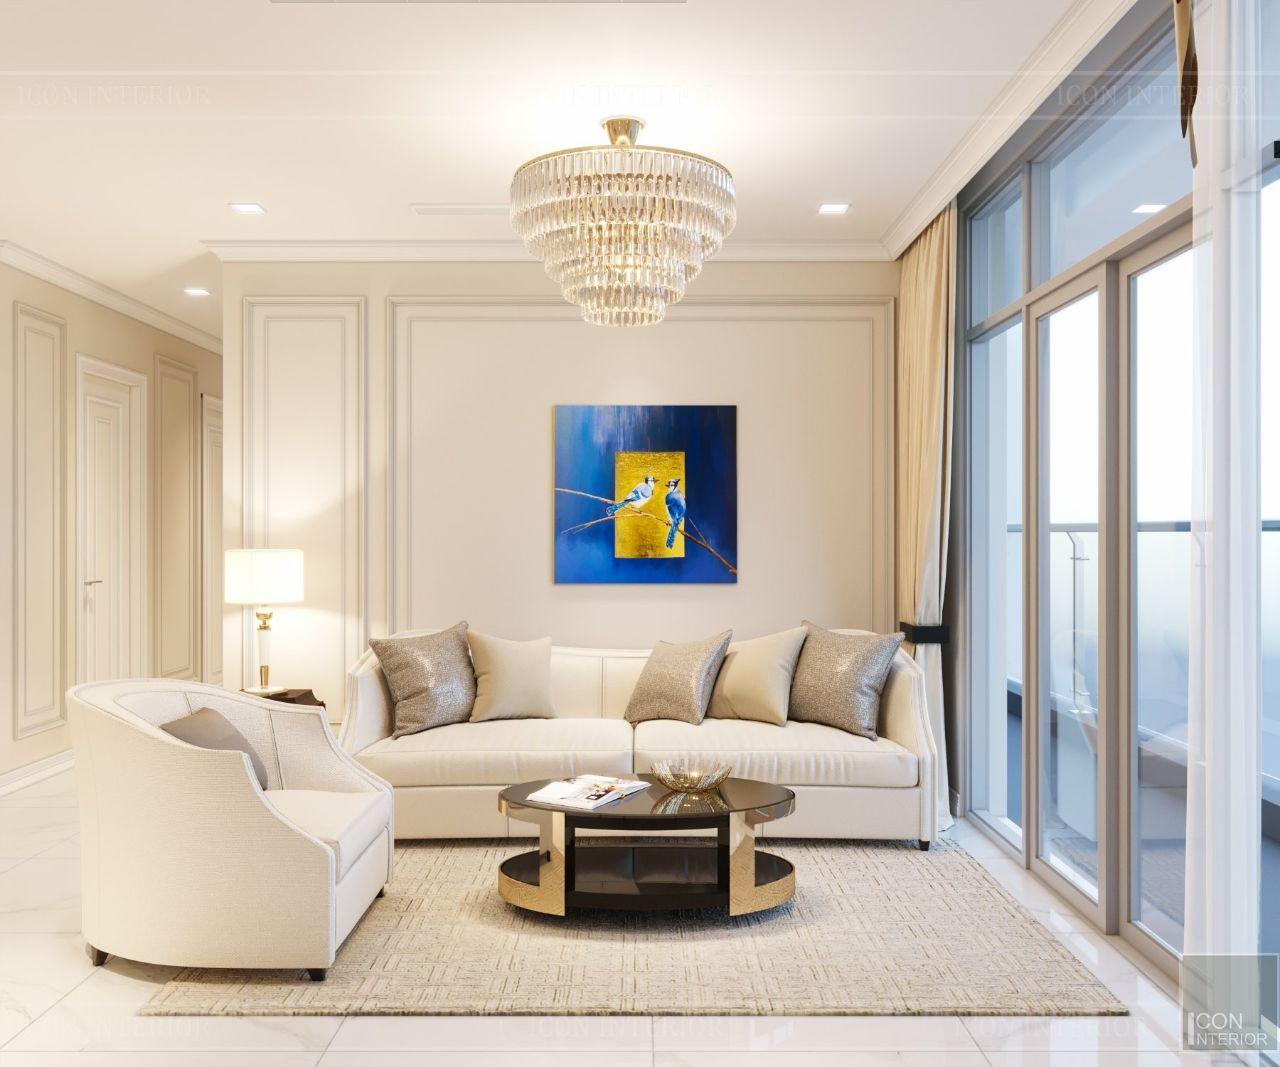 thiết kế phòng khách chung cư có diện tích nhỏ